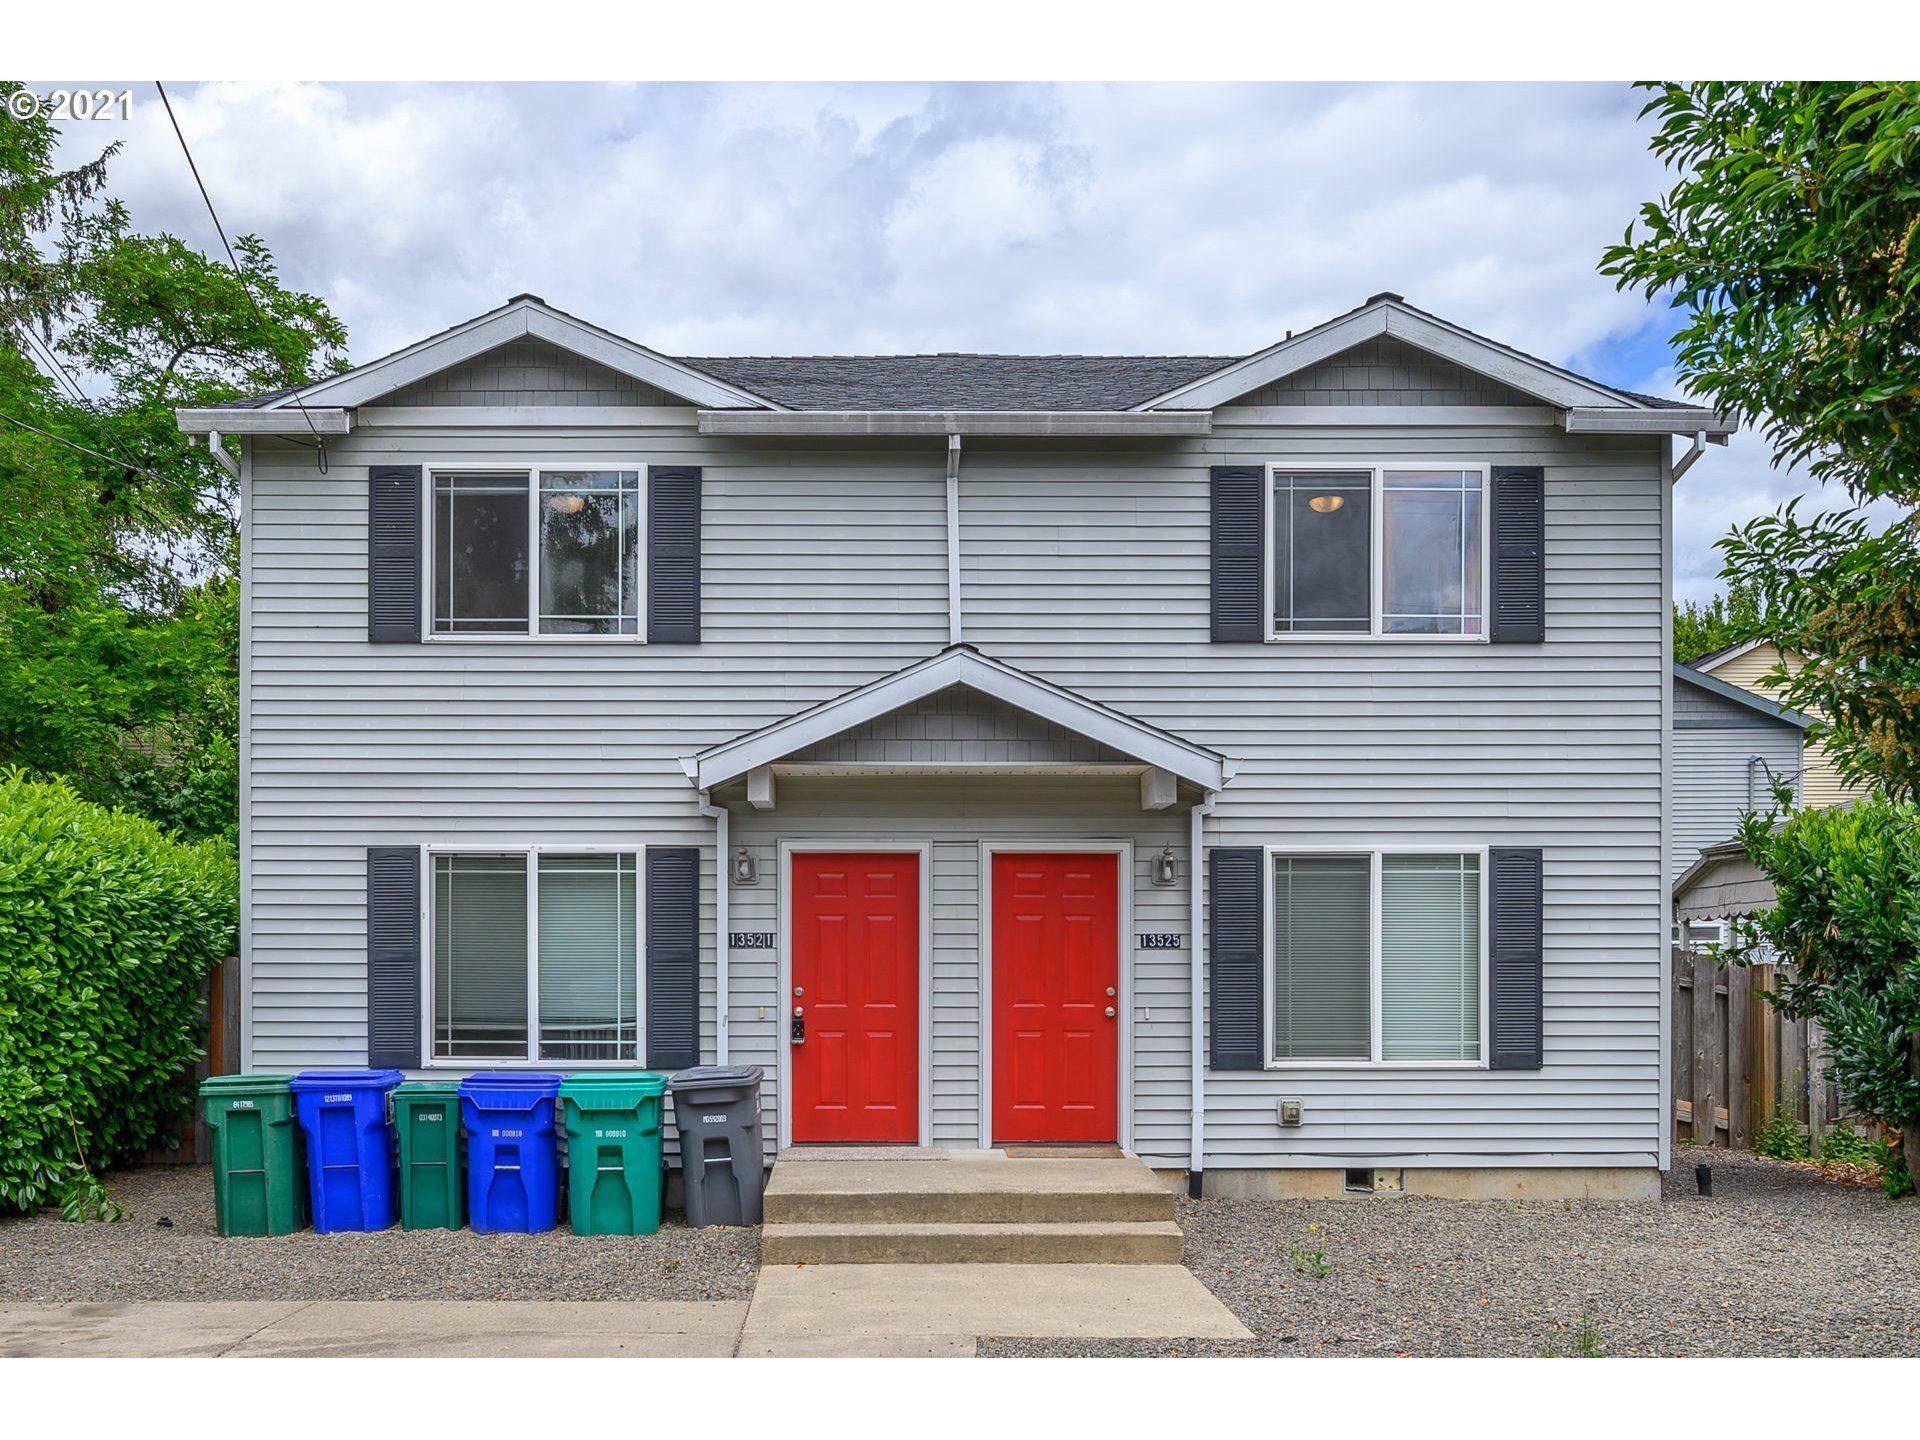 13521 SE RAMONA ST, Portland, OR 97236 - MLS#: 21016200